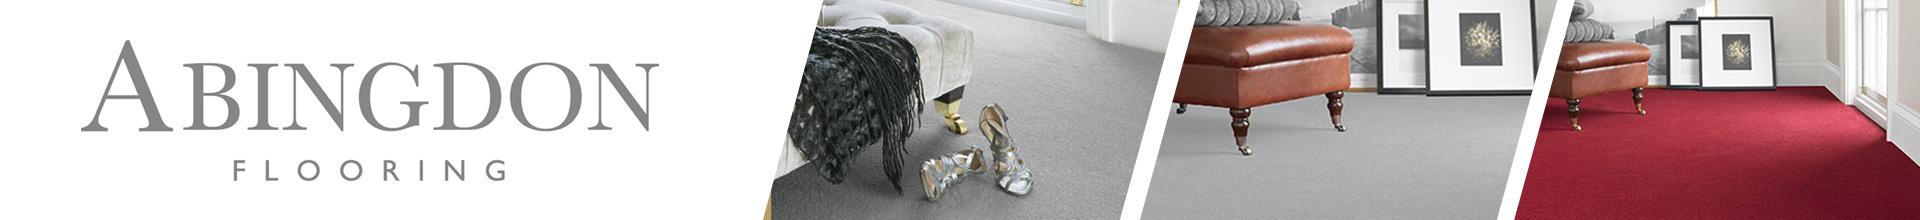 John Lynch Carpets - Abingdon Carpets